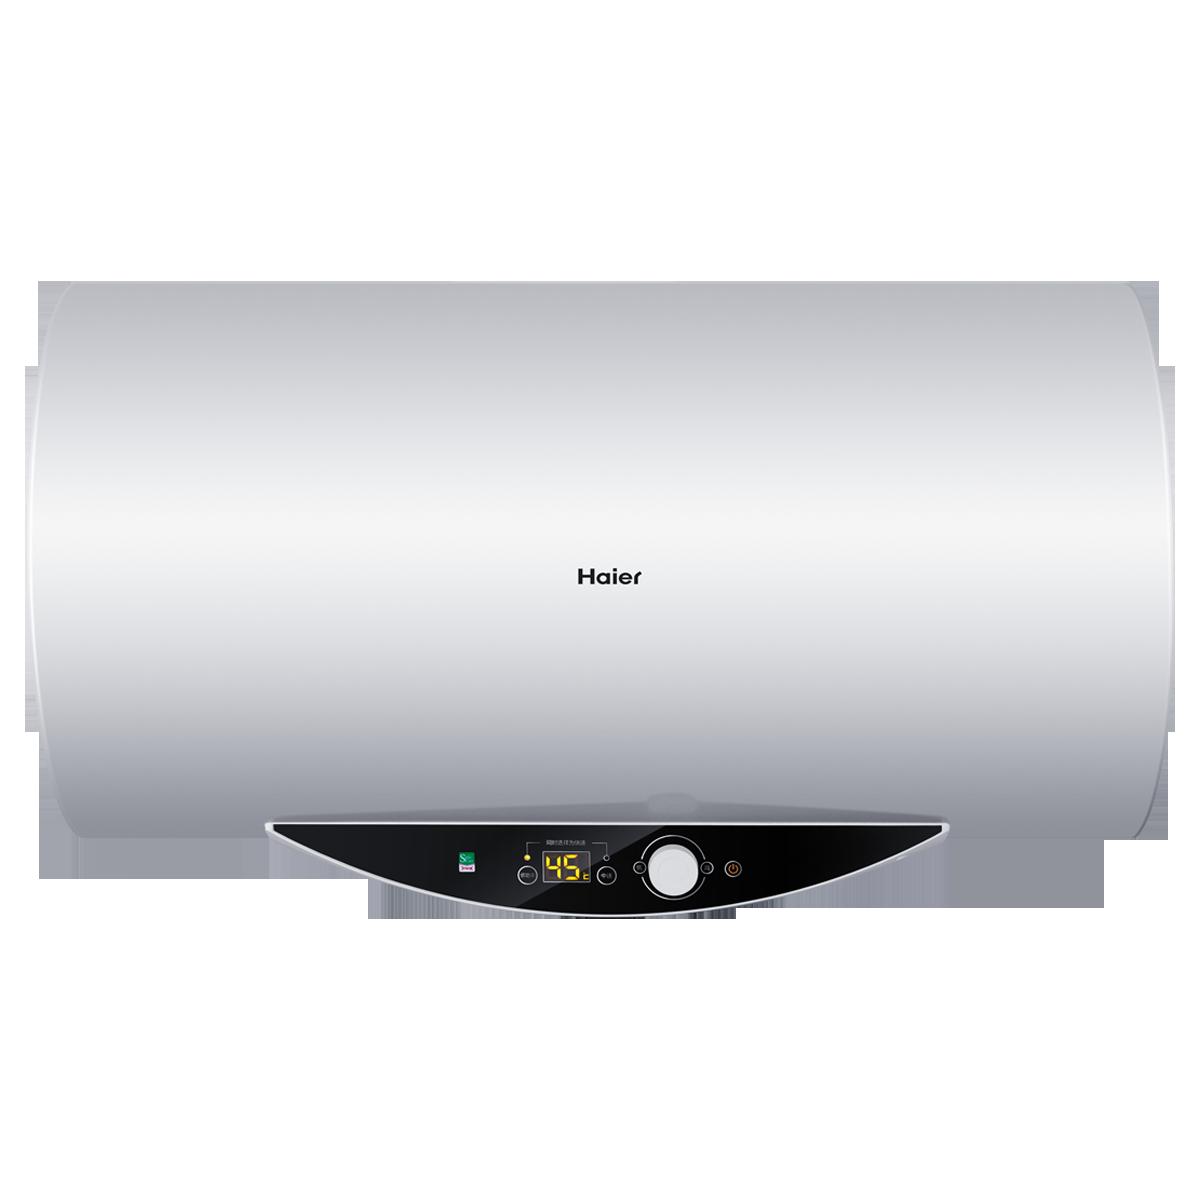 如何辨别海尔热水器的真假?图片